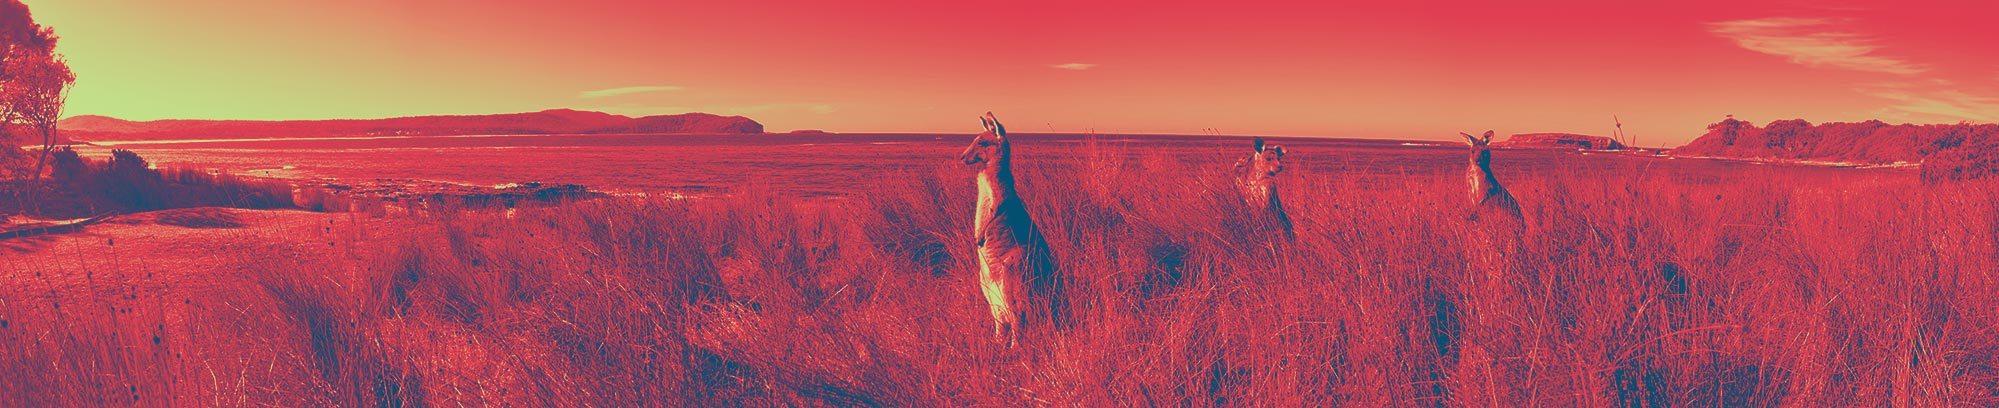 3 Kangoeroes op de uitkijk in hoog gras bij water, bewerkt in de Kangaroo huisstijlkleuren